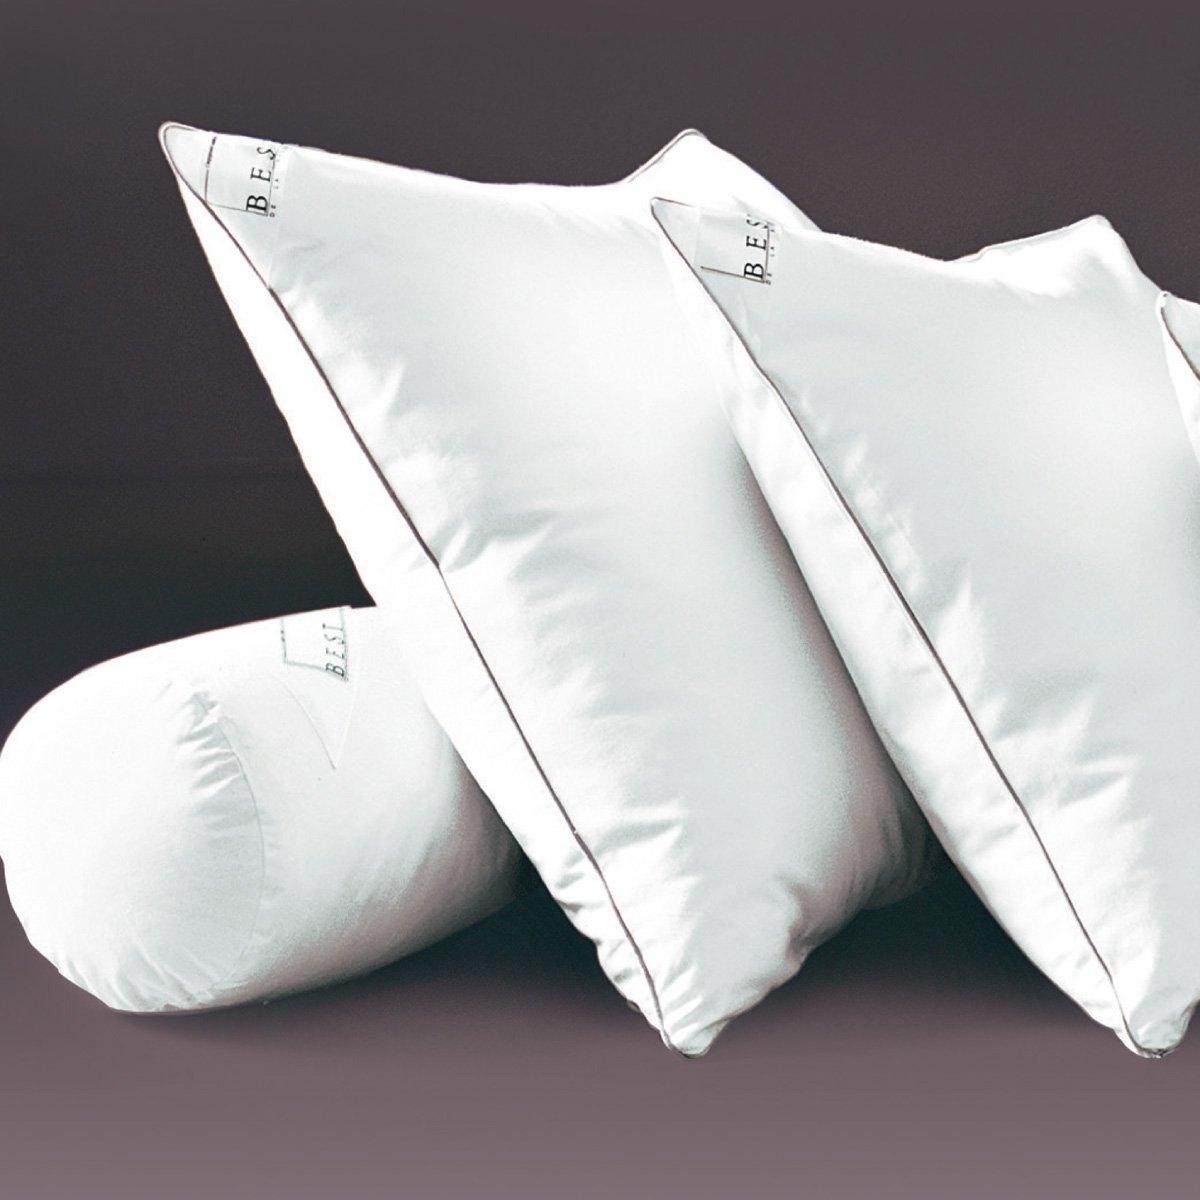 Подушка из латекса с обработкой PRONEEMПодушка из латекса Качество BEST  : упругая подушка из латекса, пышная и гипоаллергенная, не накапливает влагу  . Высококачественное производство. Отделка серым кантом  . Красивый чехол из атласной саржи, 100% хлопка  . Обработка TEFLON против случайных пятен  .НАПОЛНЕНИЕ : из латекса  . Комфорт и естественная эластичность, защита от клещей и грибка. Запоминает форму головы  . Обработка PRONEEM против клещей (на основе натуральных биоразлагаемых компонентов) эффективна даже после многочисленных стирок  .ЧЕХОЛ : Красивый чехол из атласной саржи, 100% хлопка  . Высококачественное производство. Отделка серым кантом  . Обработка TEFLON против случайных пятен . Биоцидная обработка  .Застежка на молнию.Уход : стирка при 60° . Разм. в см.В комплекте- дополнительный мешочек с латексными хлопьями для регулировки жесткости при желании  .В данной гамме 1 подушка (40 x 40) и 1 детская подушка (40 x 60 см)  .<br><br>Цвет: белый<br>Размер: 40 x 60 см.60 x 60  см.40 x 40  см